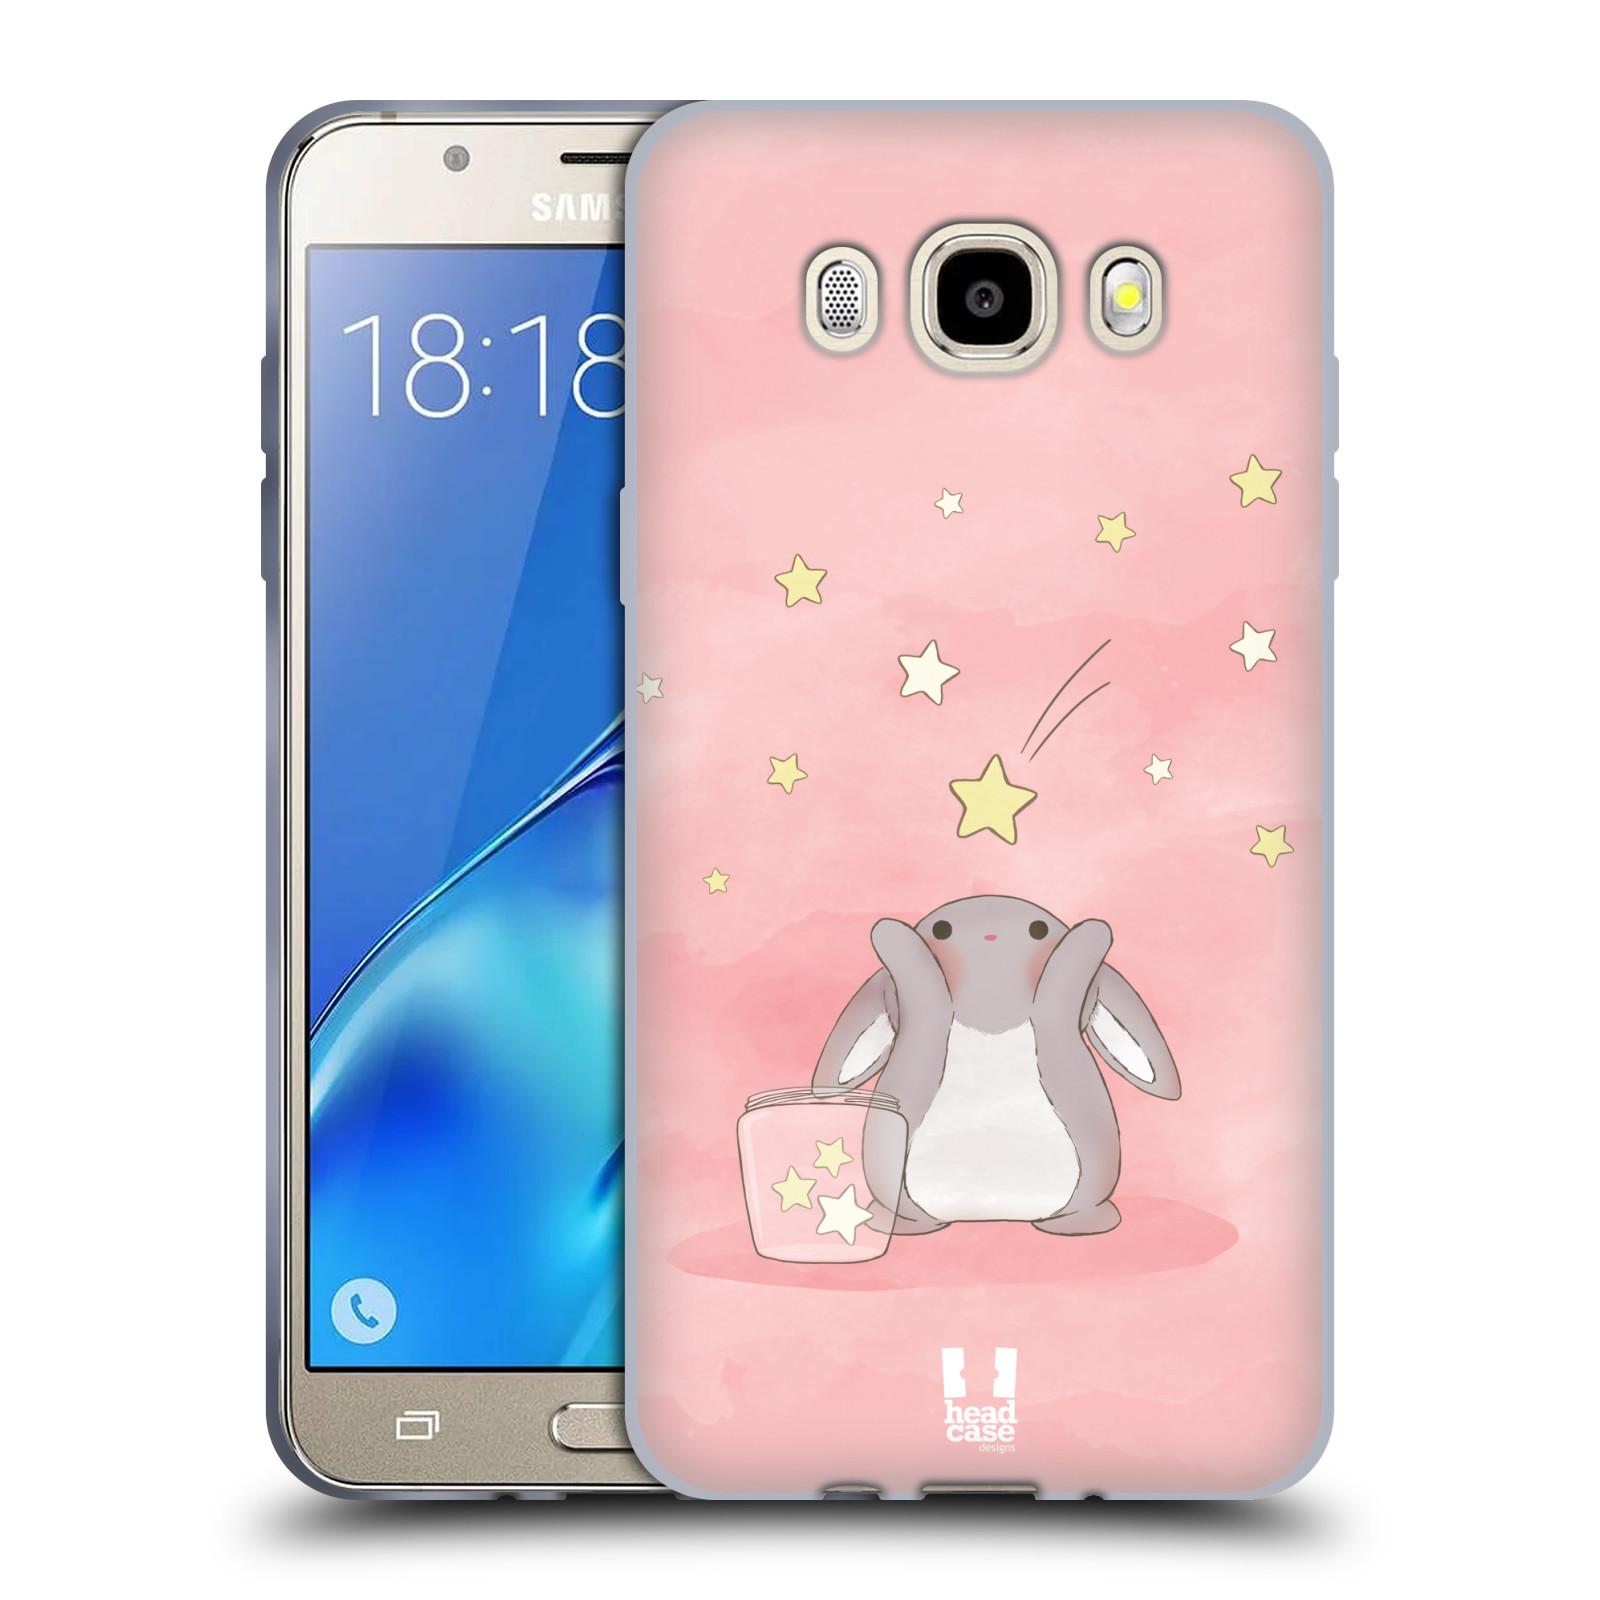 HEAD CASE silikonový obal, kryt na mobil Samsung Galaxy J5 2016, J510, J510F, (J510F DUAL SIM) vzor králíček a hvězdy růžová